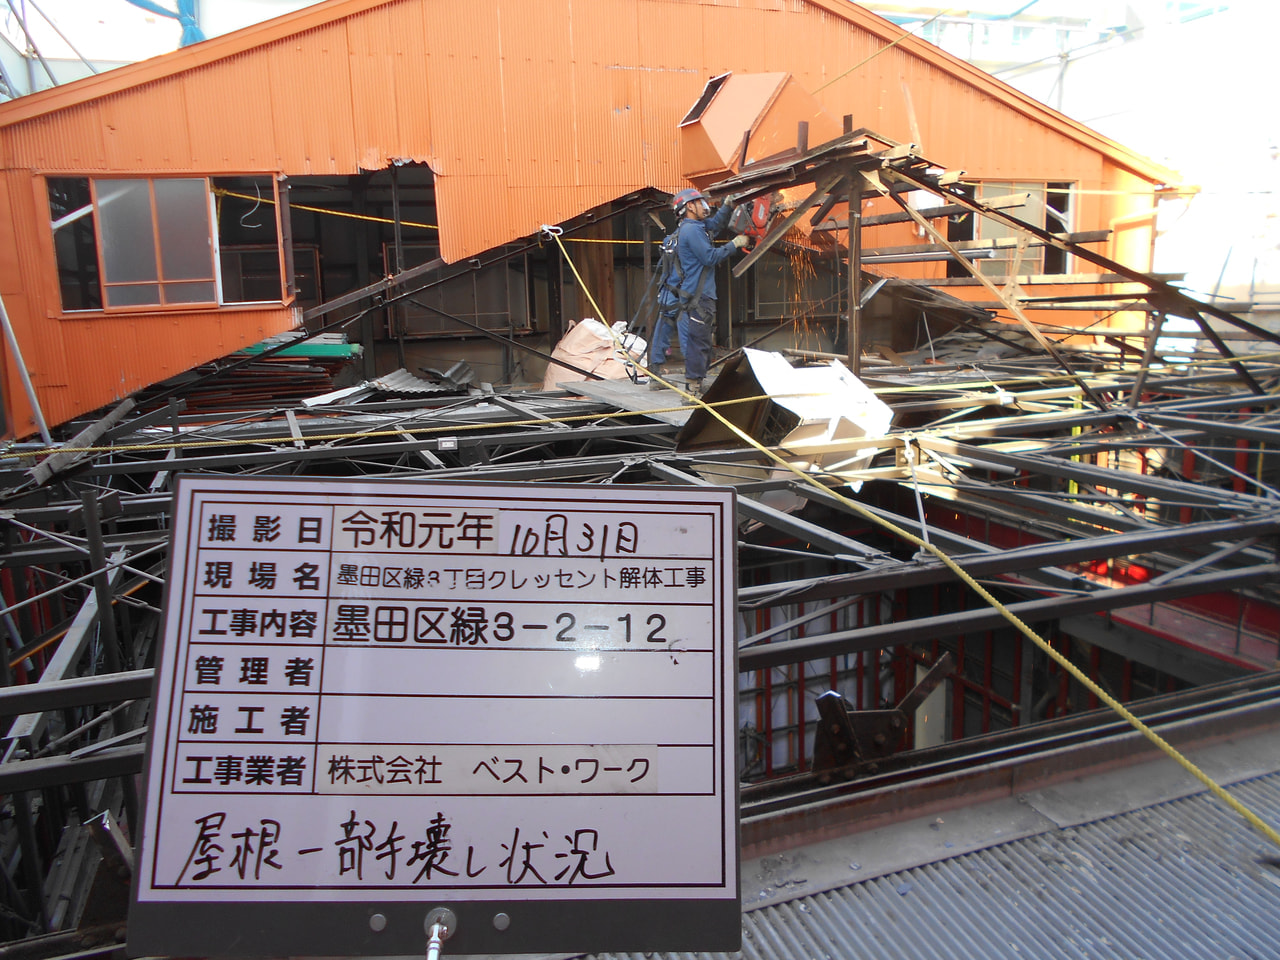 墨田区 鉄骨造解体工事 解体中